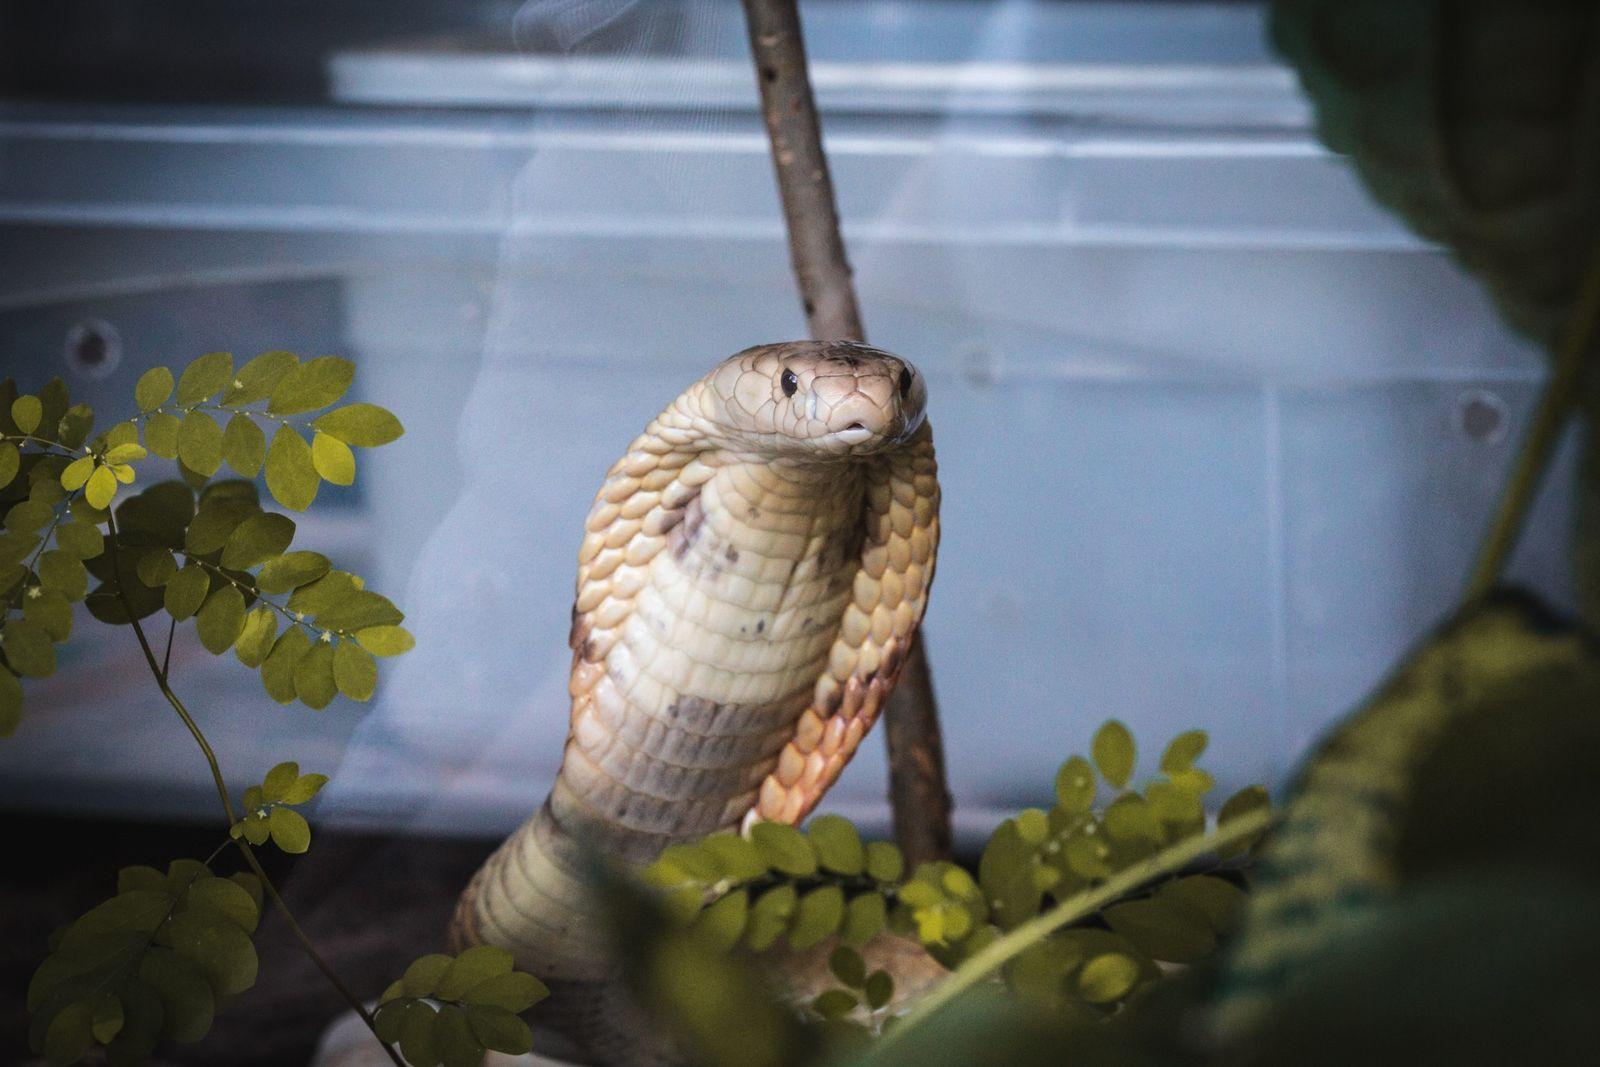 Fotos: naja de monóculo que picou estudante em Brasília está no zoológico aguardando seu destino